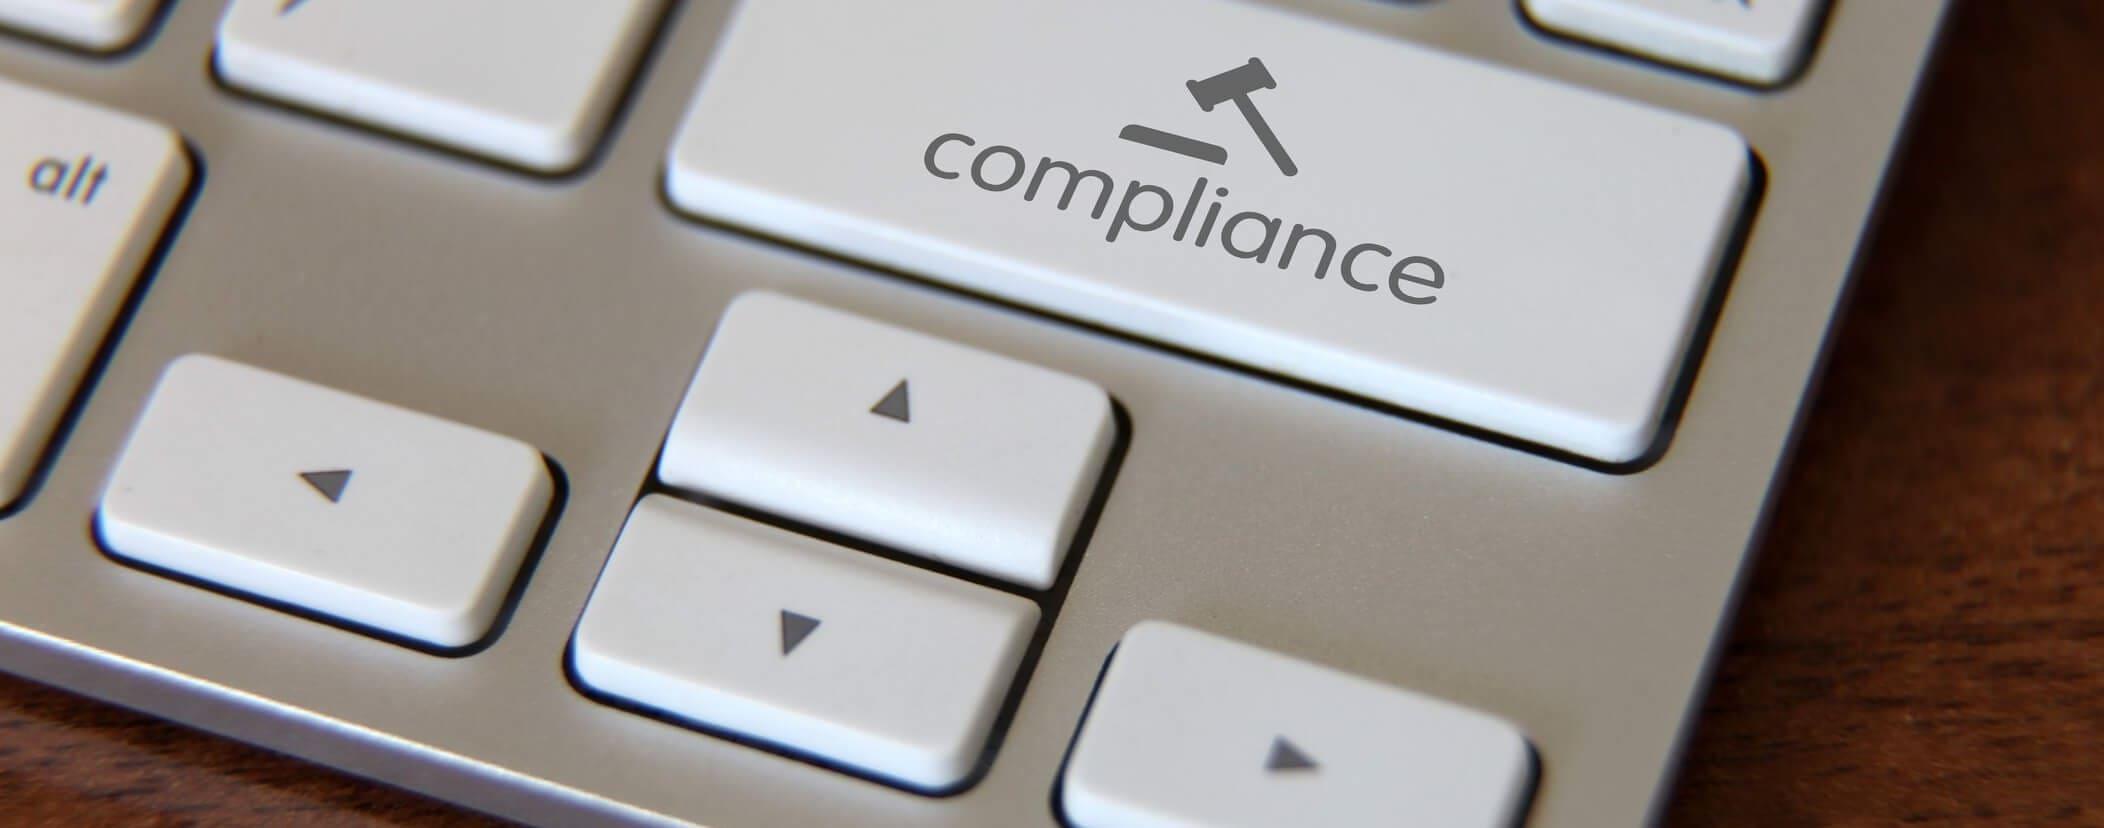 Como o profissional de Compliance deve atuar?